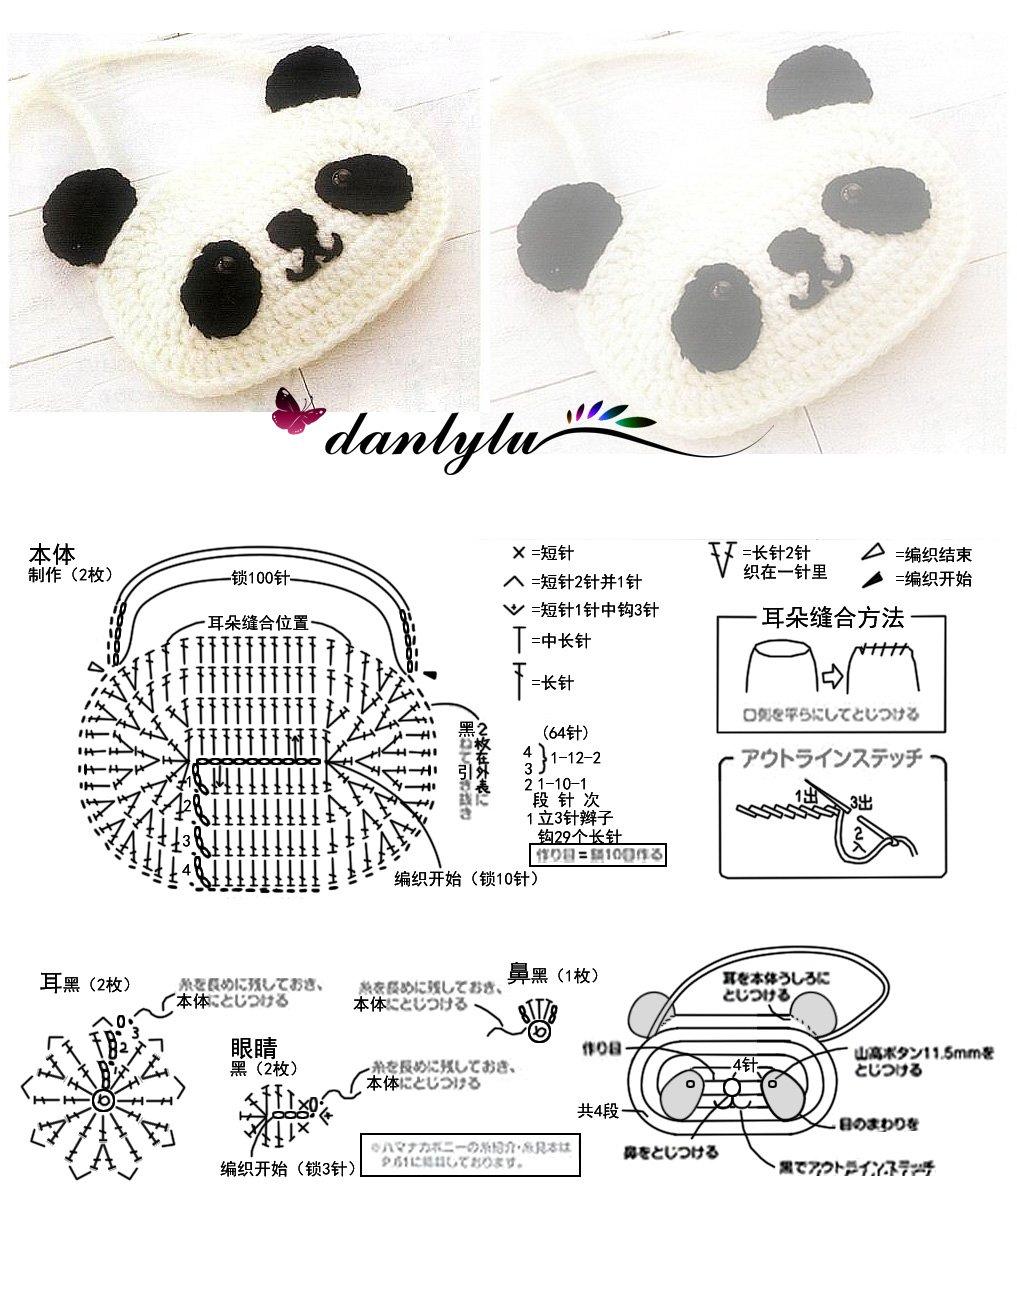 熊猫图解.jpg